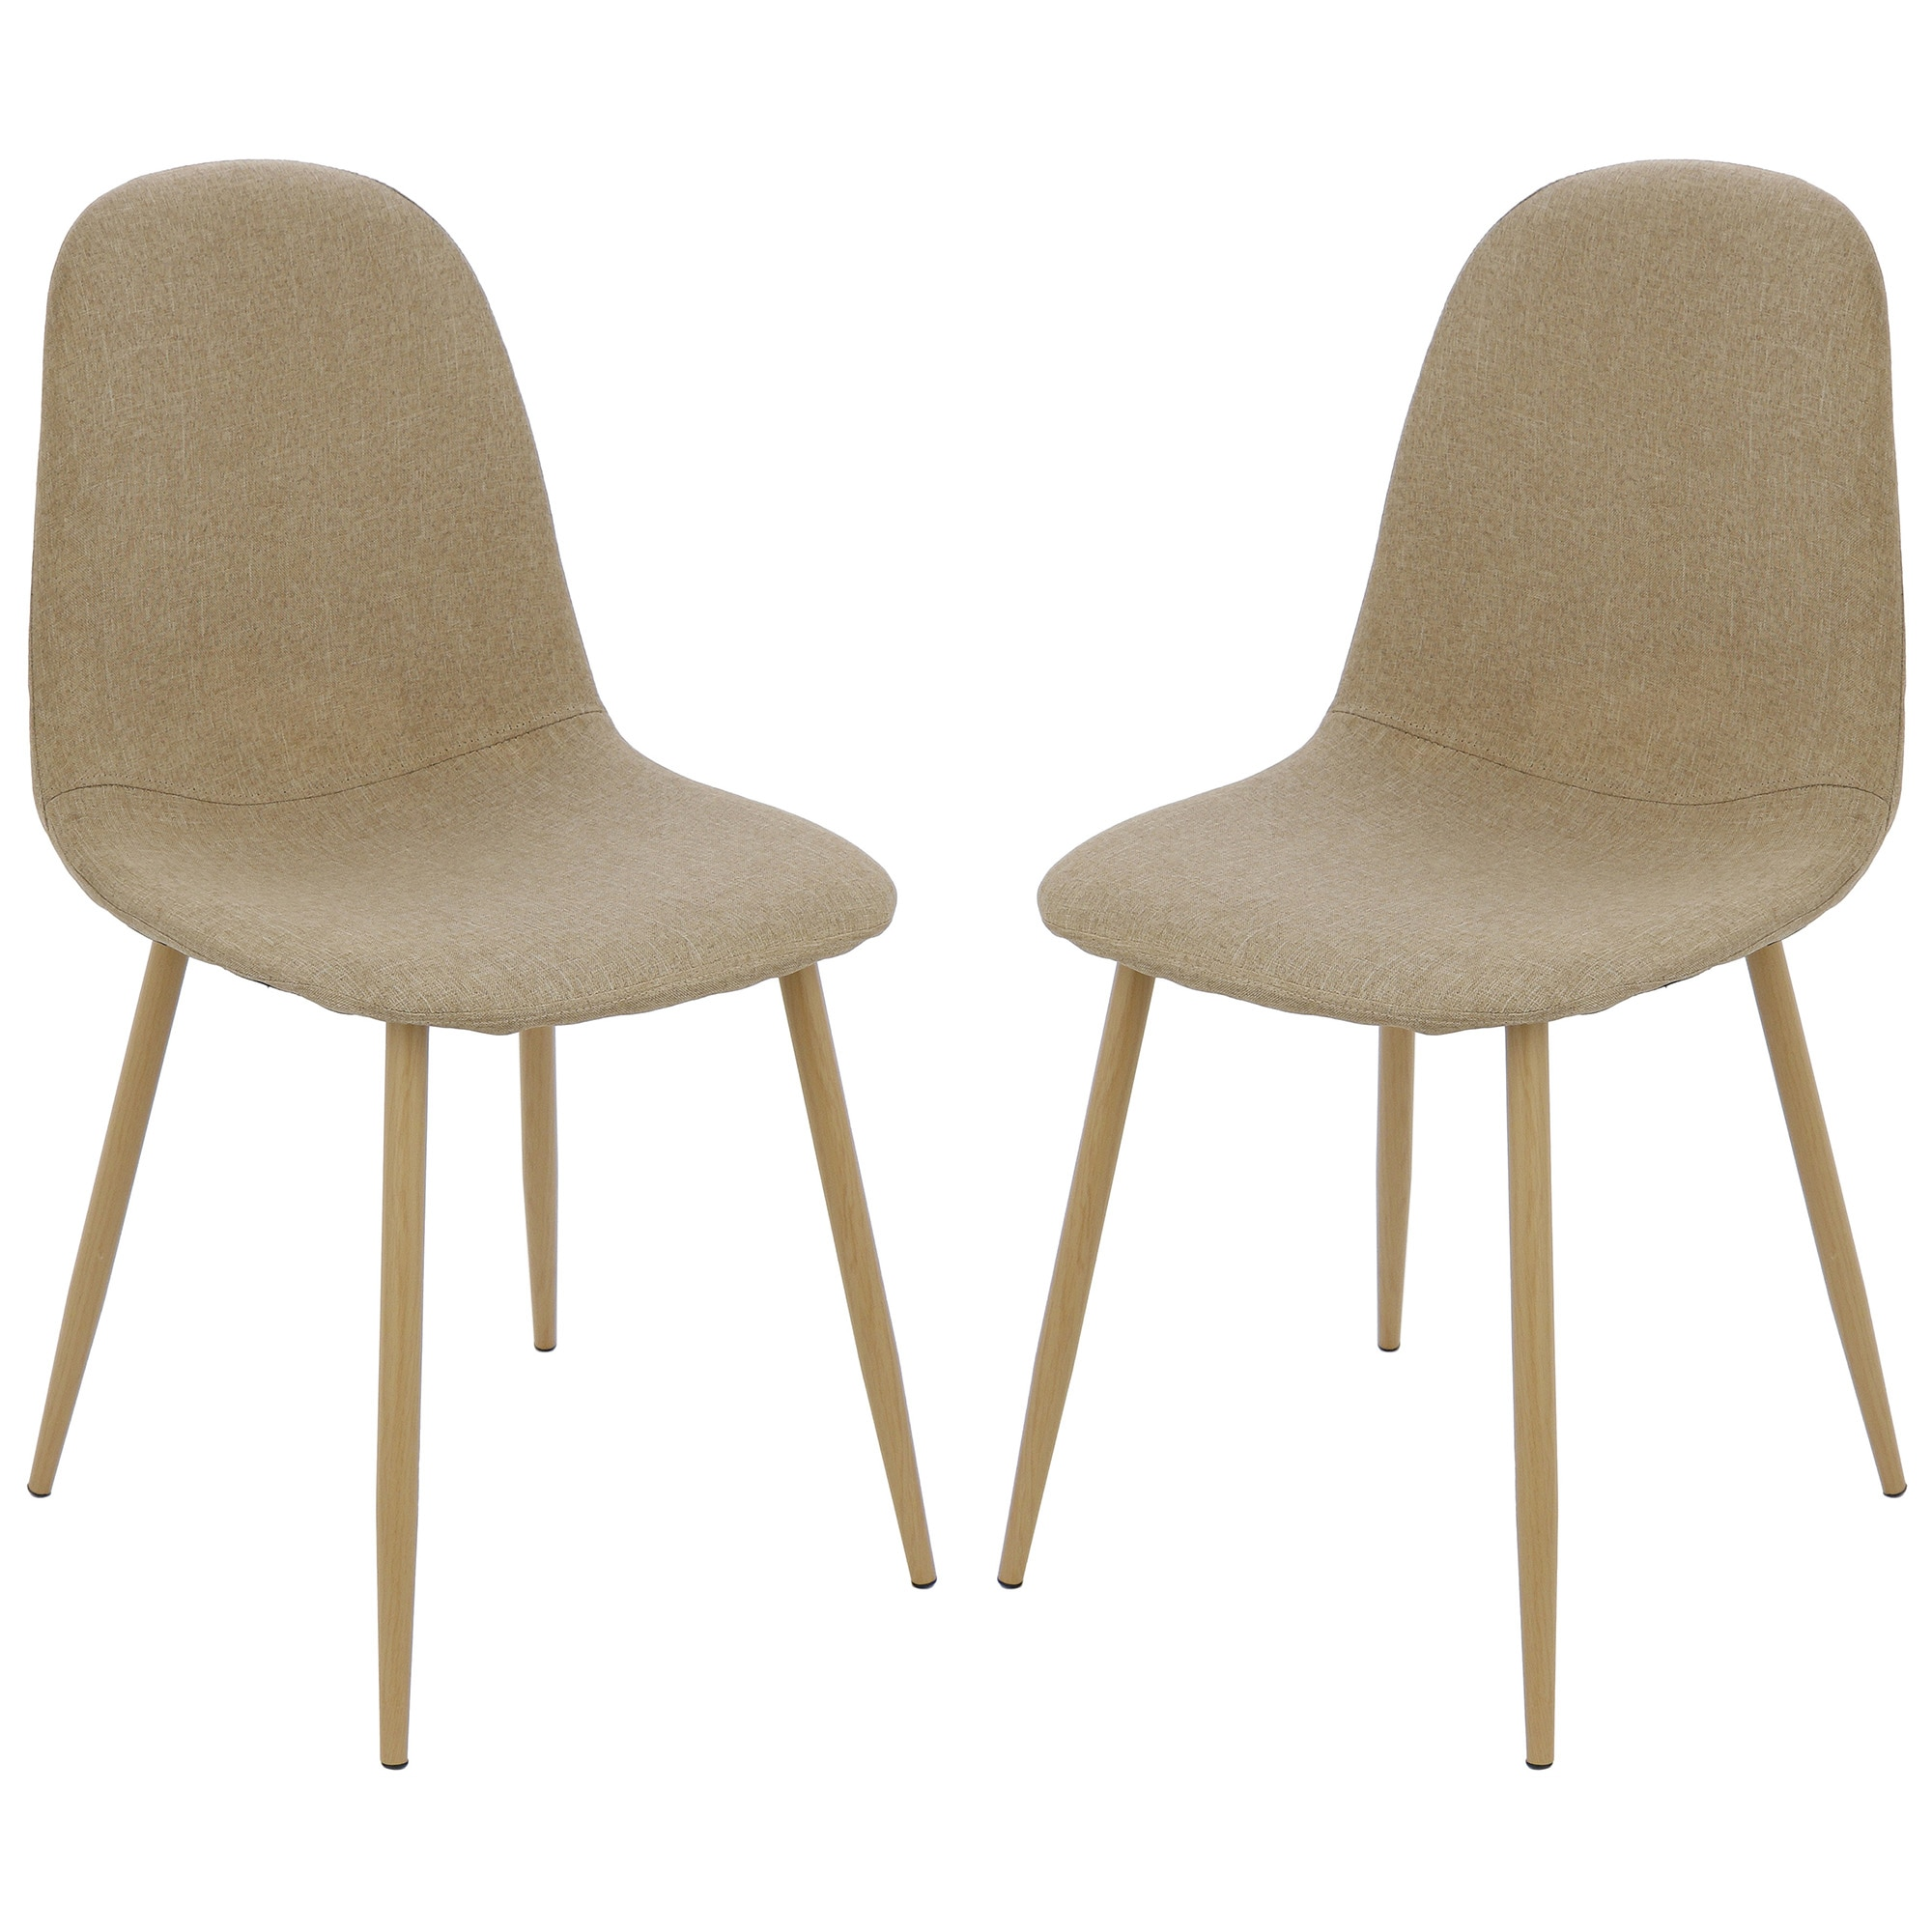 Fotografie Set 2 scaune Kring Panama, material textil, Bej